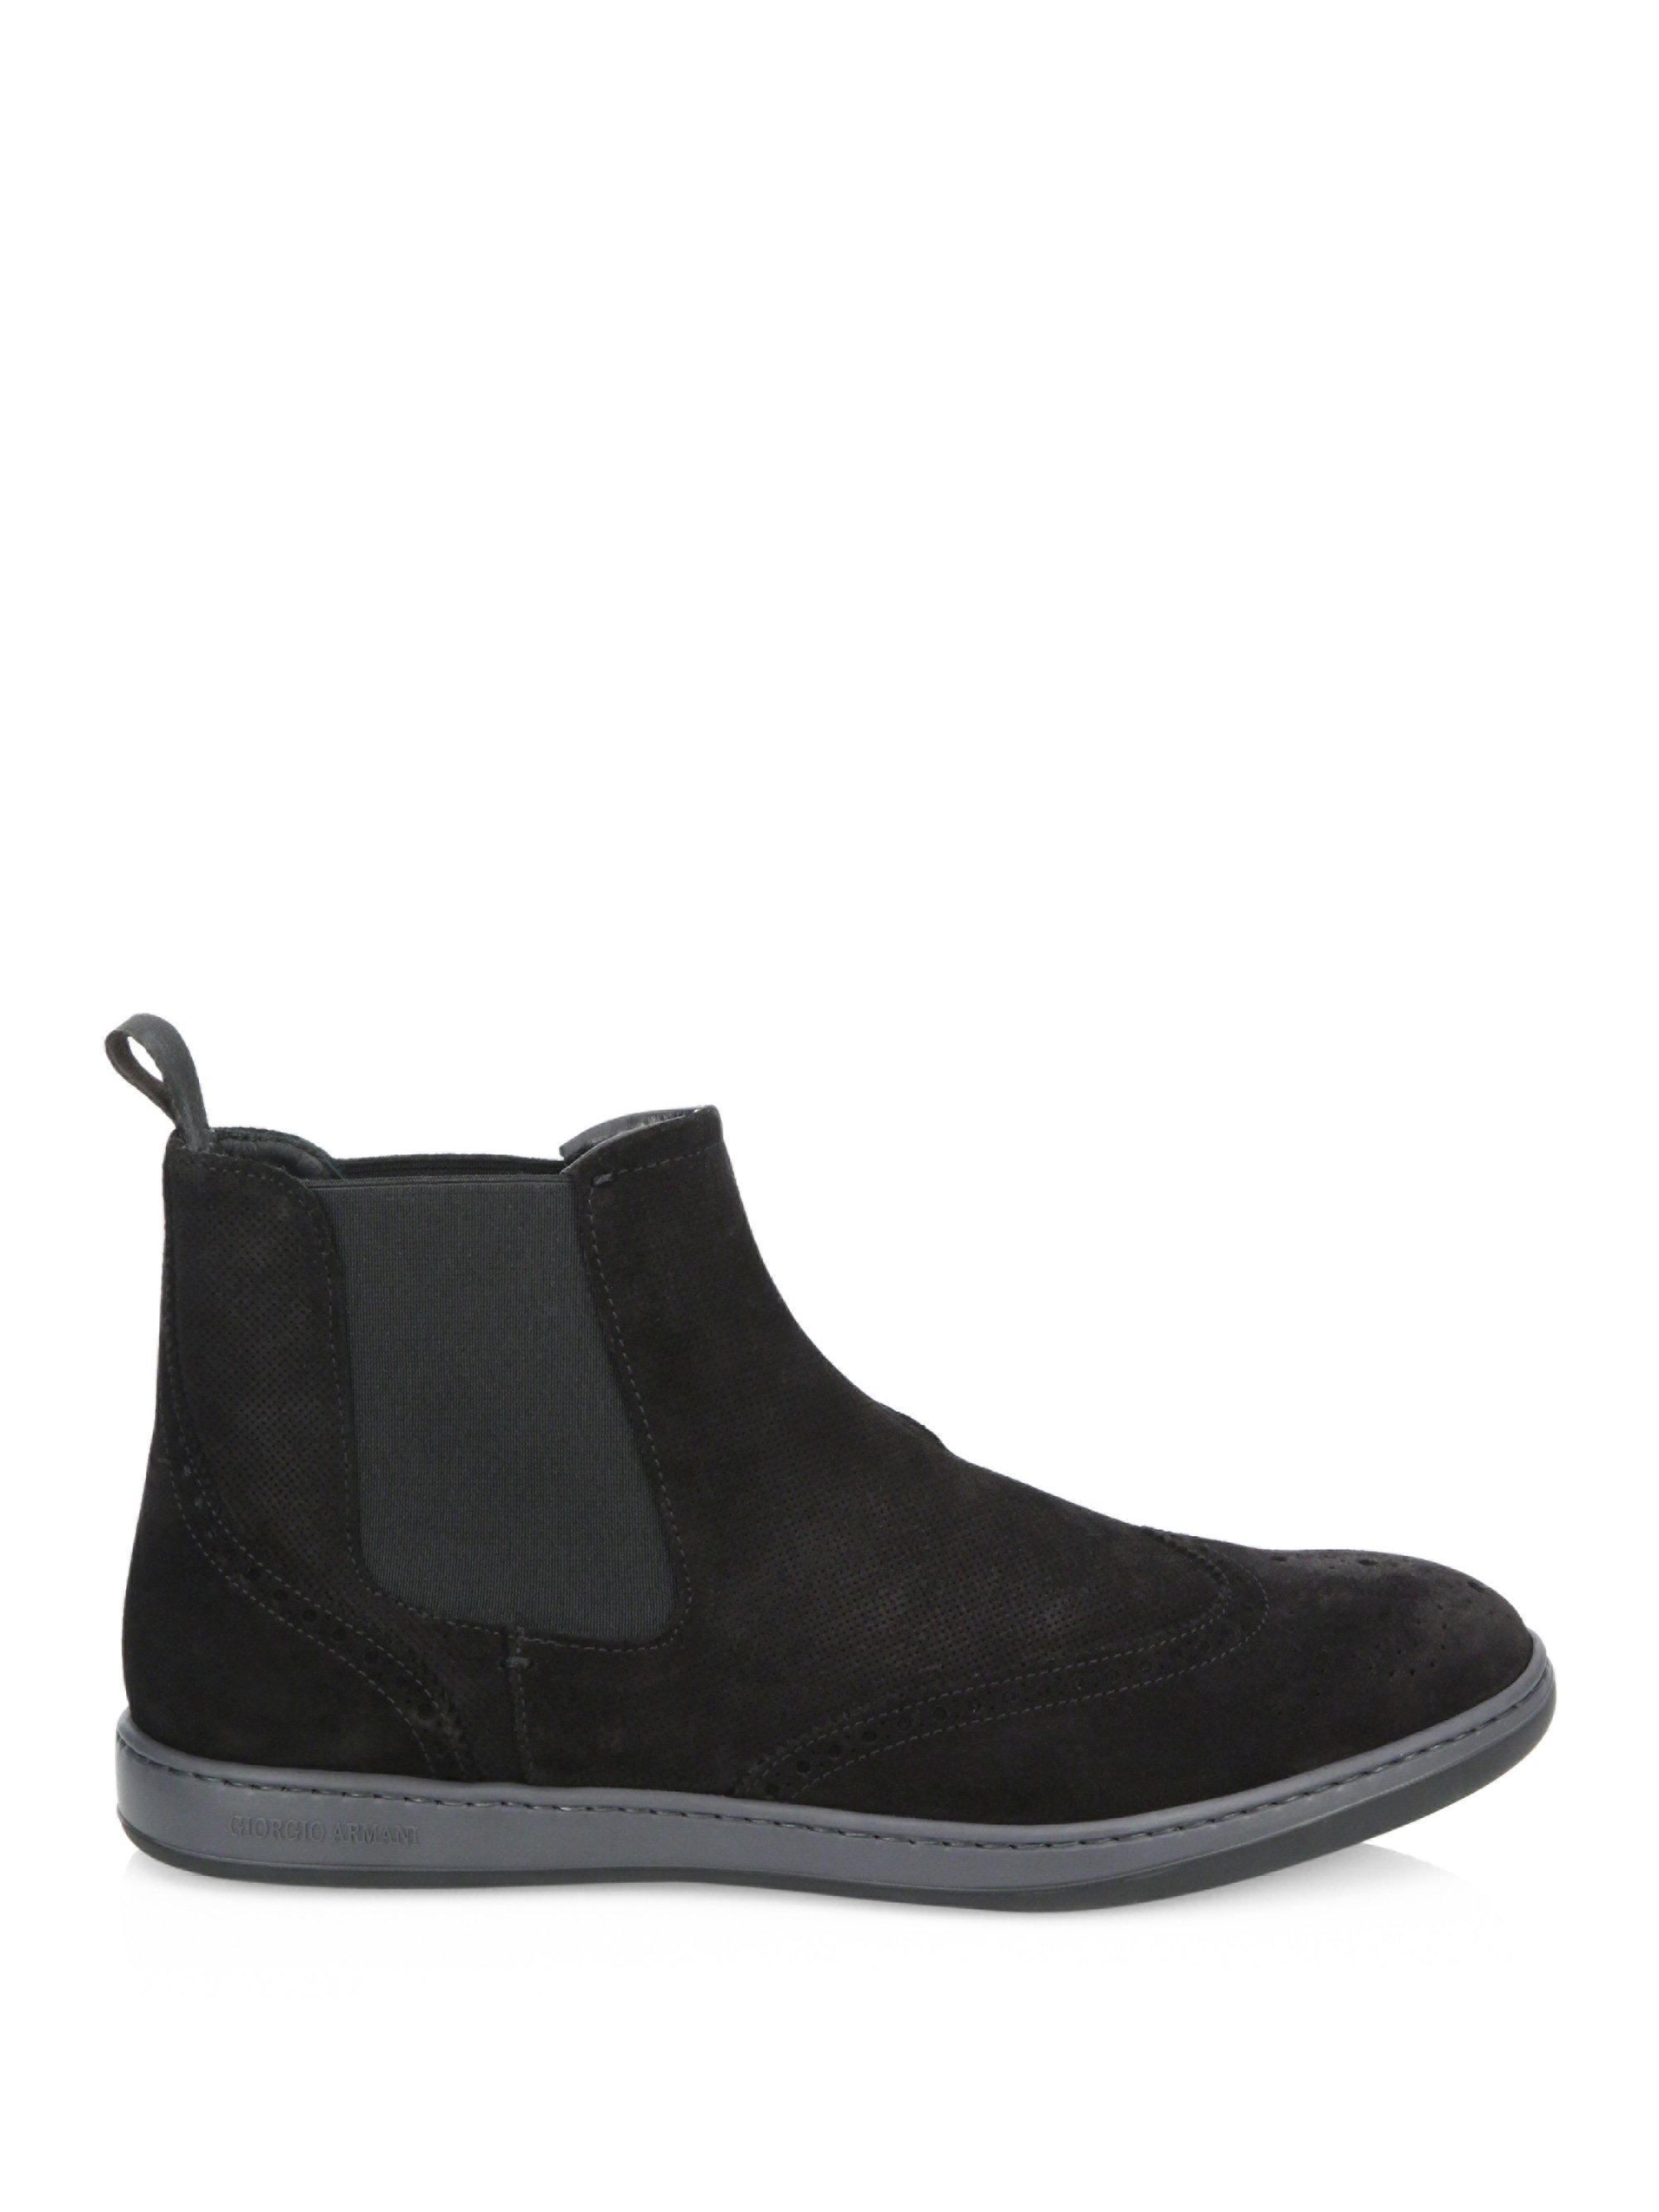 ArmaniSuede Wingtip Chelsea Boots